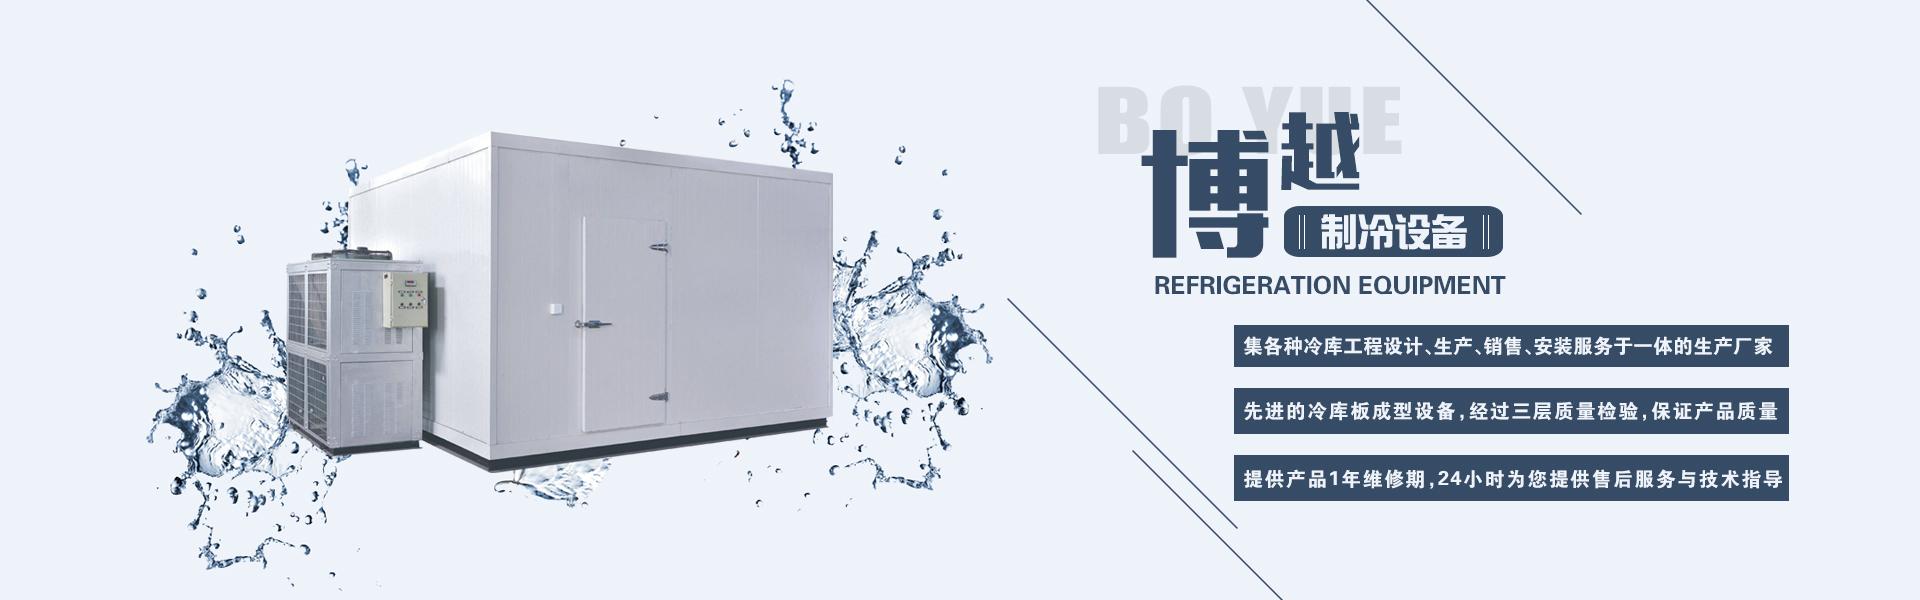 冷库工程设计安装服务于一体的生产厂家